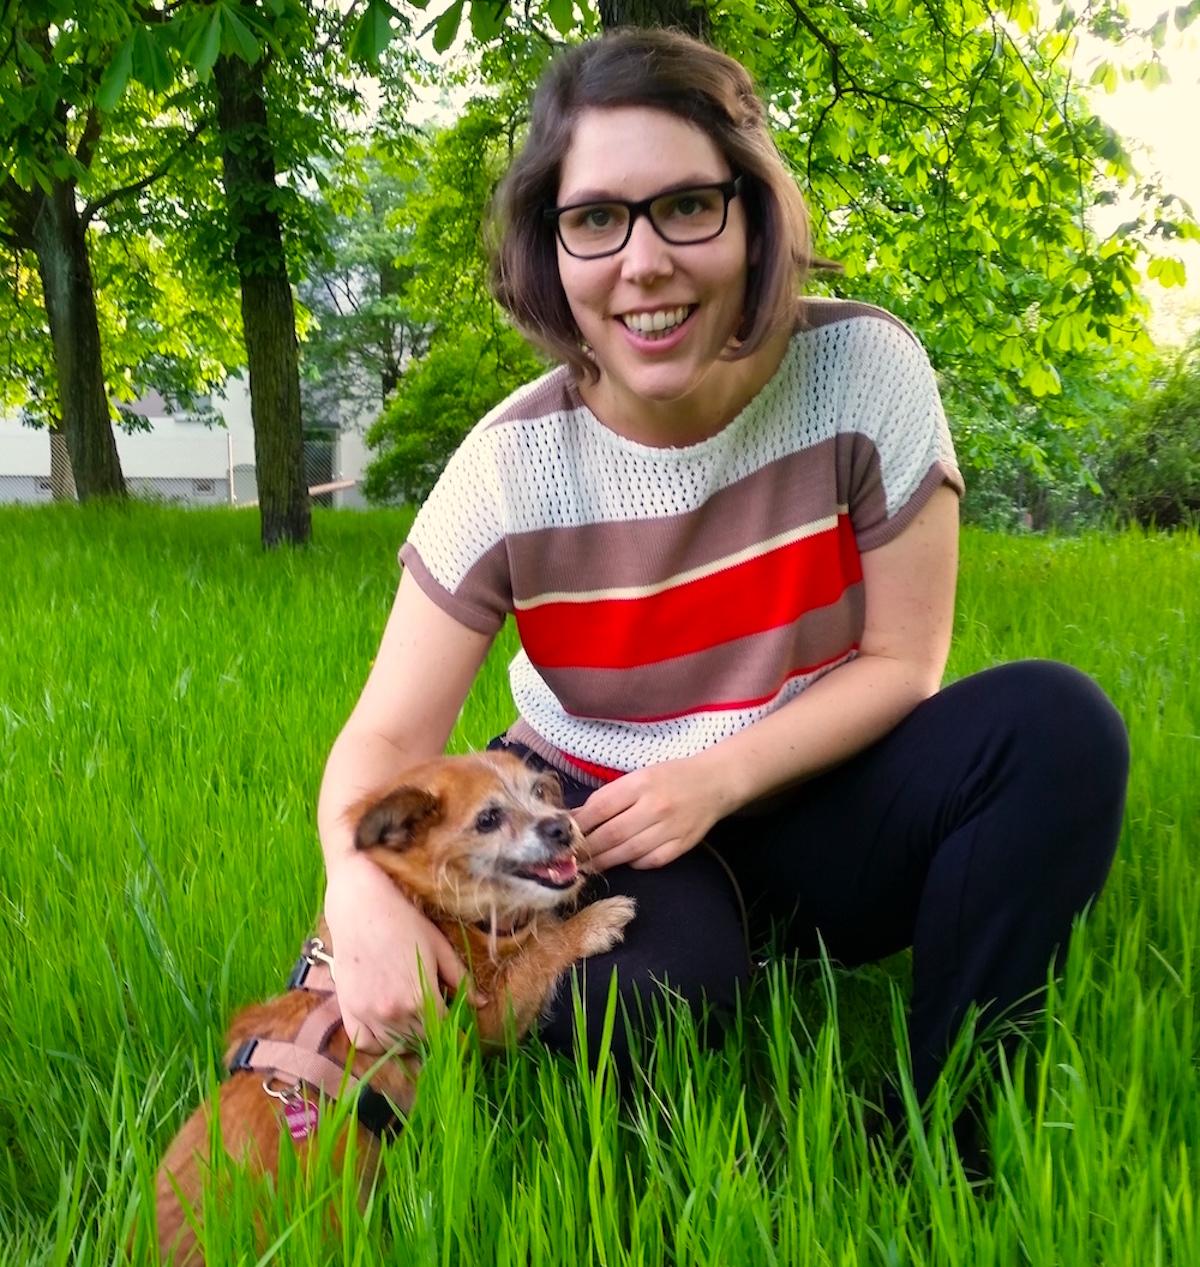 Kniende Frau mit Hund auf einer Wiese